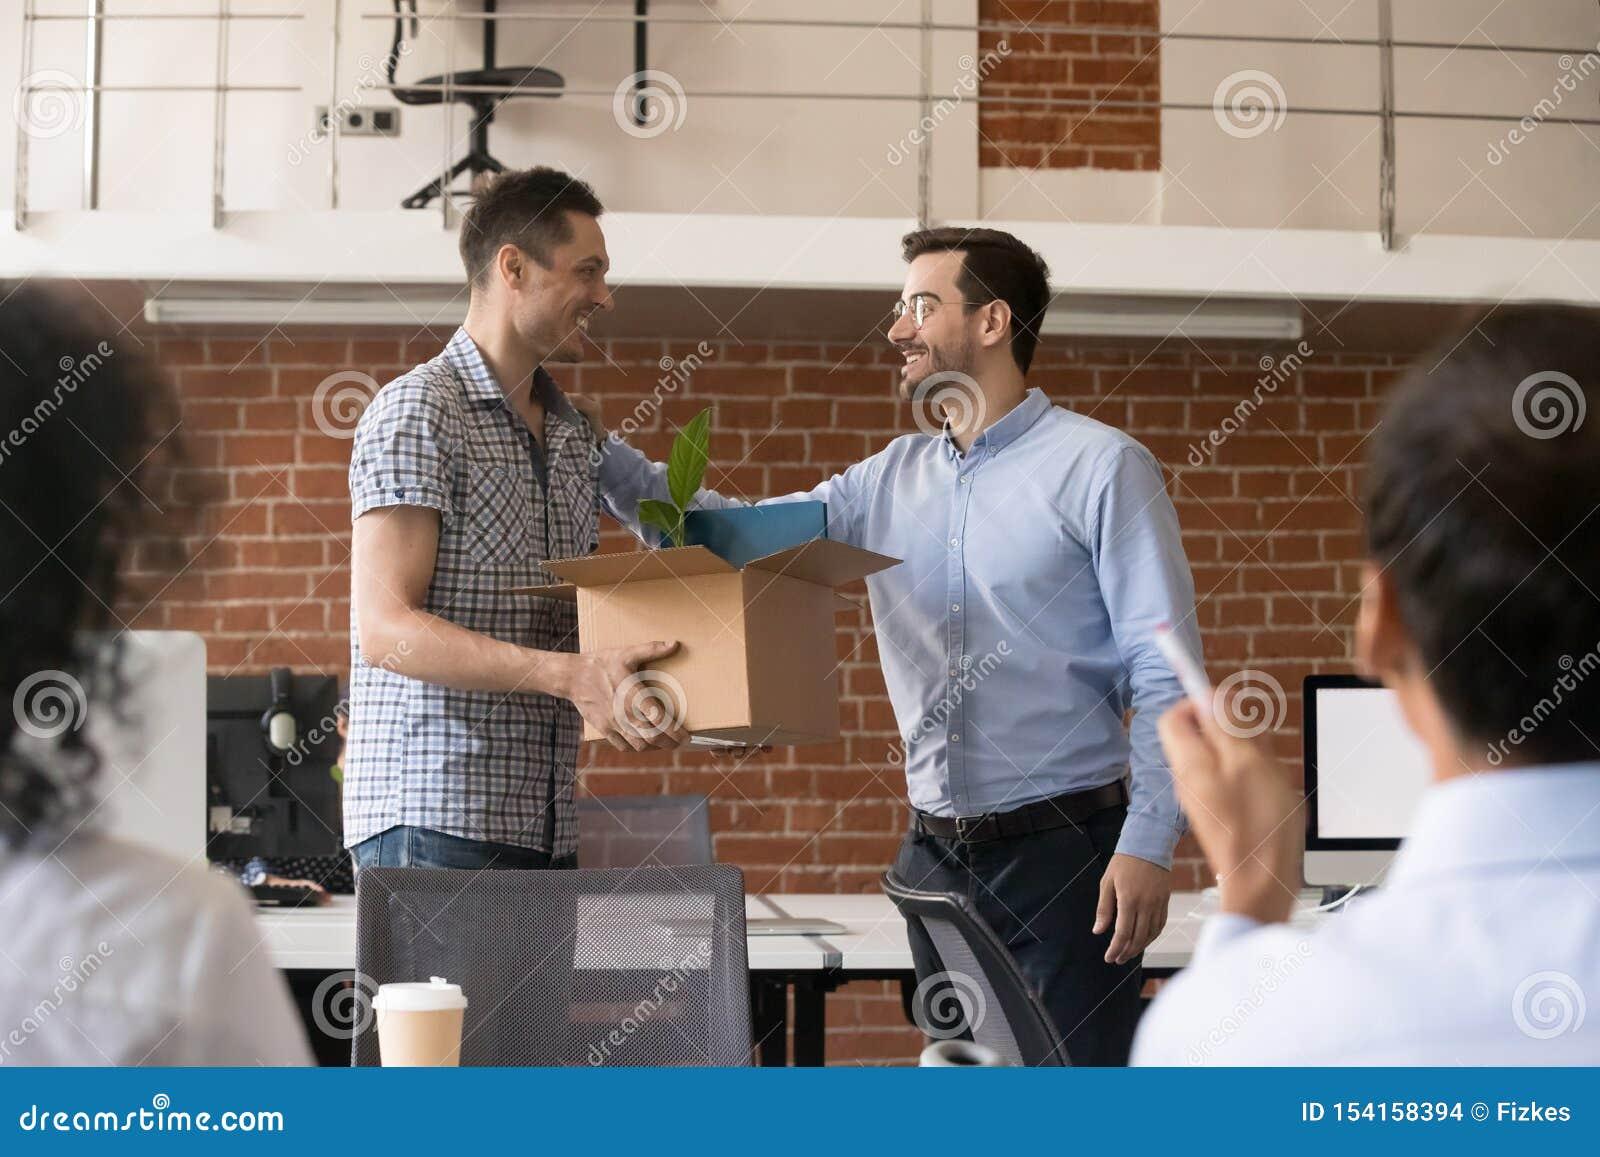 El CEO amistoso de la compañía está acogiendo con satisfacción al nuevo empleado